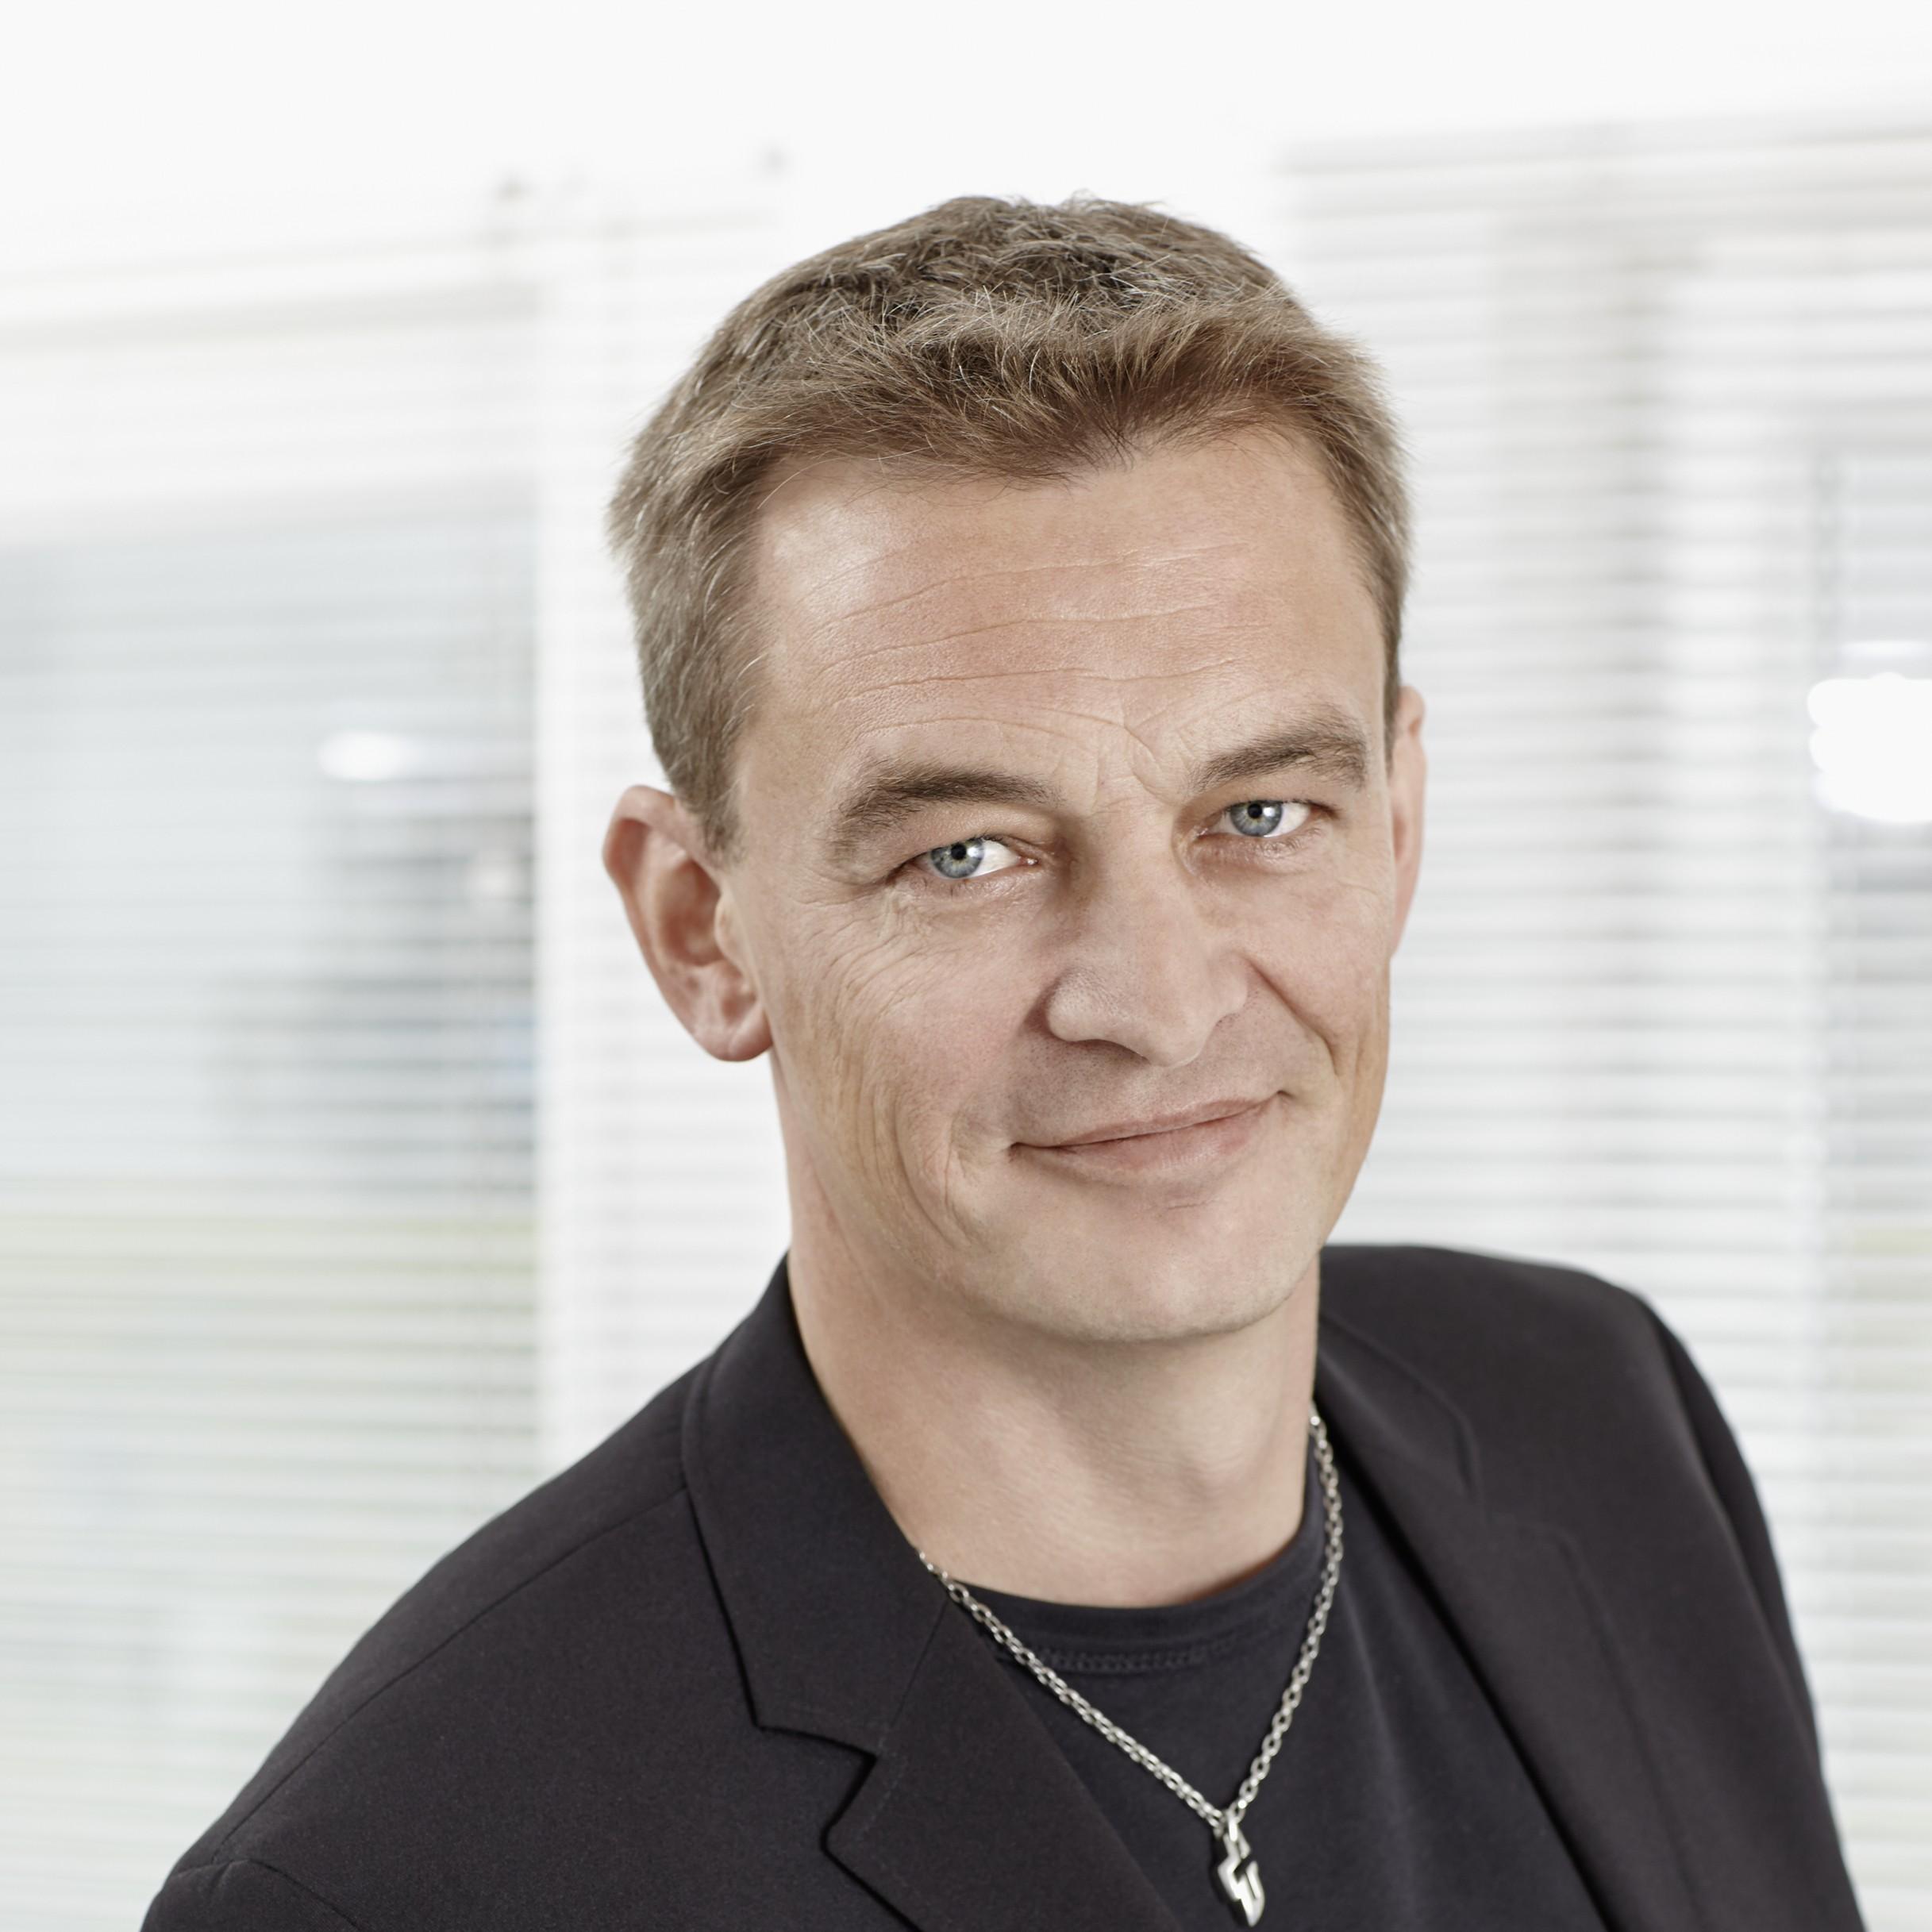 Markus Paa